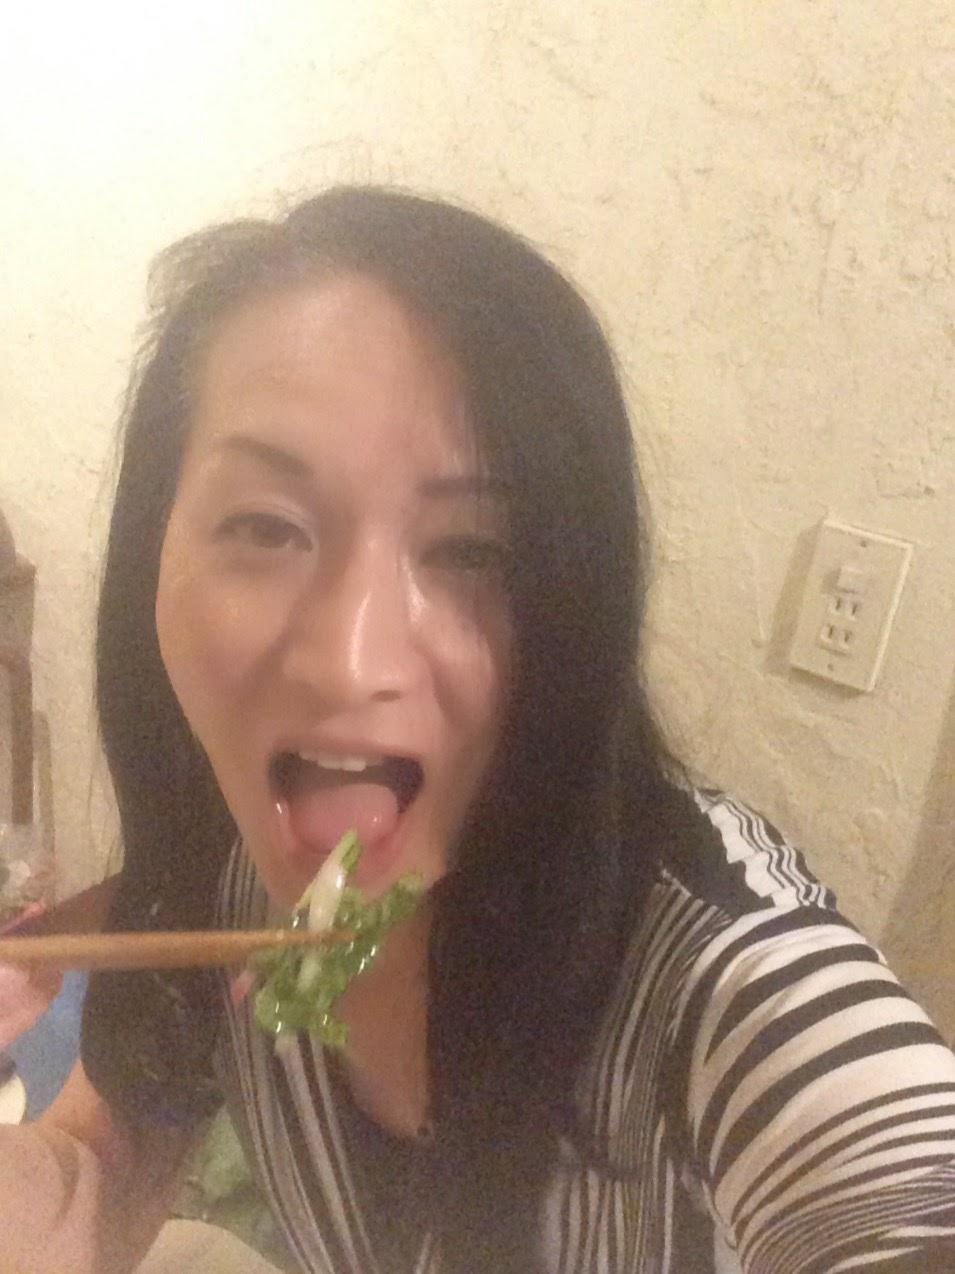 熟女NHヘルス孃マダム舞の袖振り合うも他生の縁|久々に美味しい野菜をいただきました。沁みるわぁ〜。